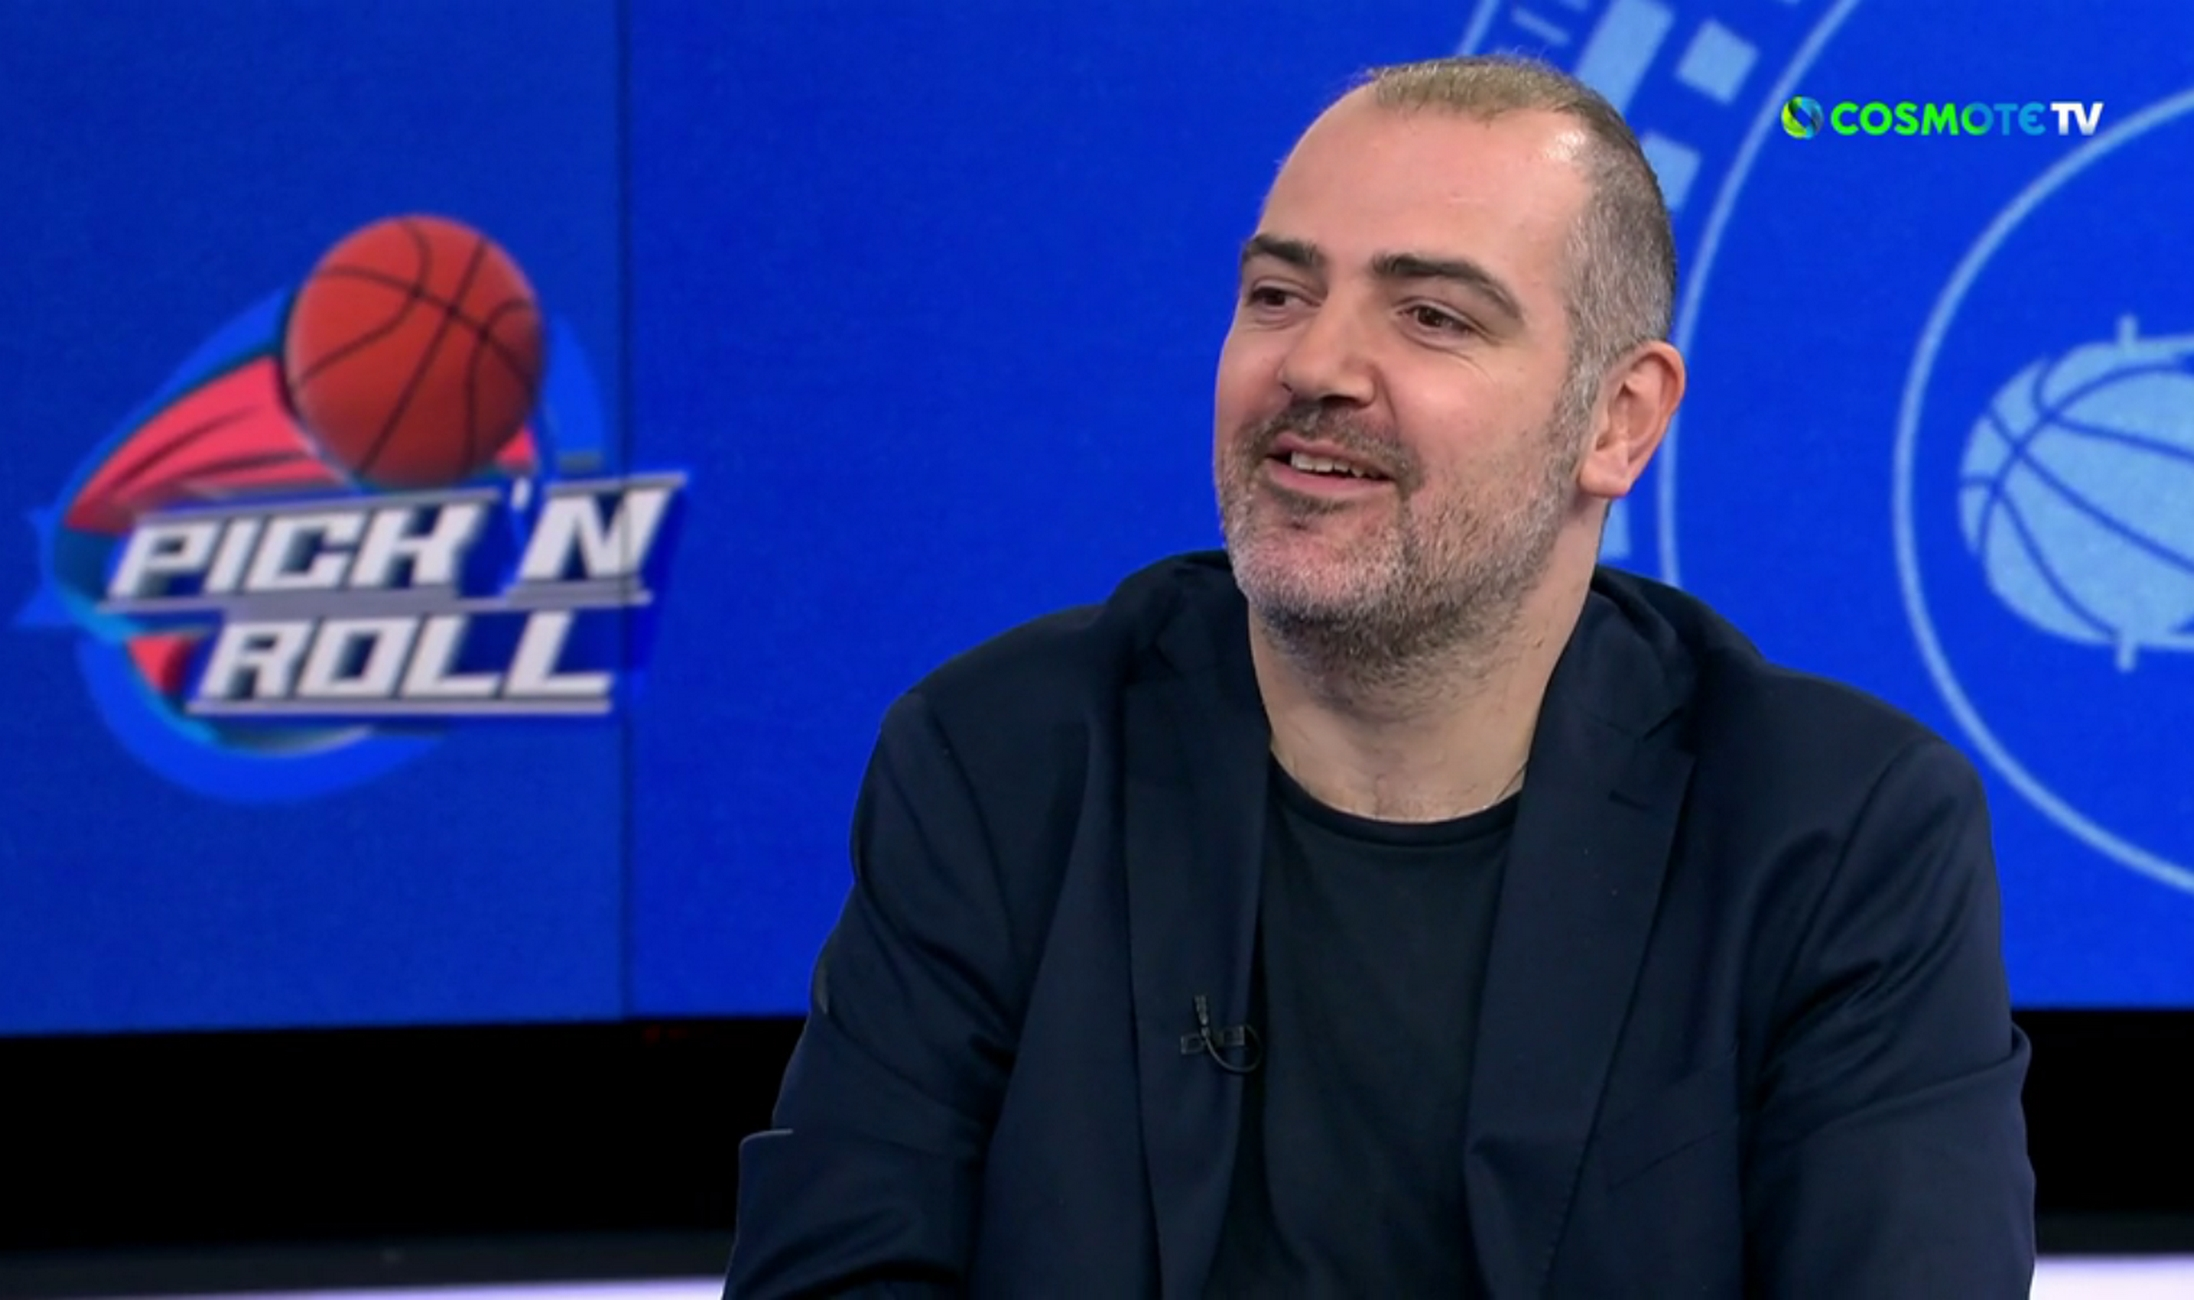 ΑΕΚ – Στέφανος Δέδας: «Ο Νίκος Παππάς θα παίξει μαζί μου μεγάλο μπάσκετ»